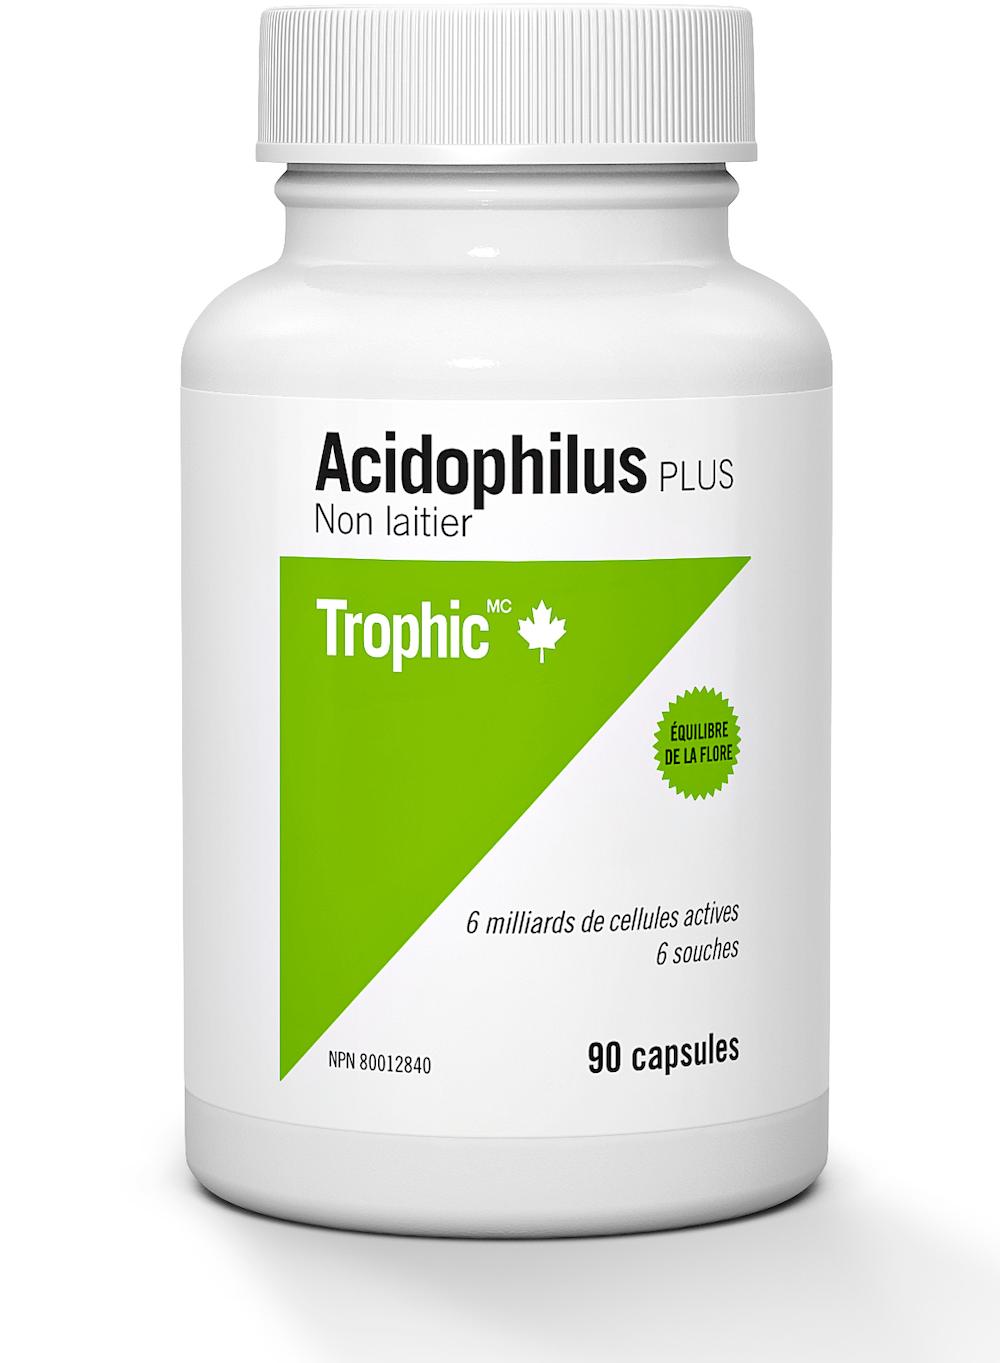 Acidophilus Plus (Sans produits laitiers - 6 milliards de cellules)